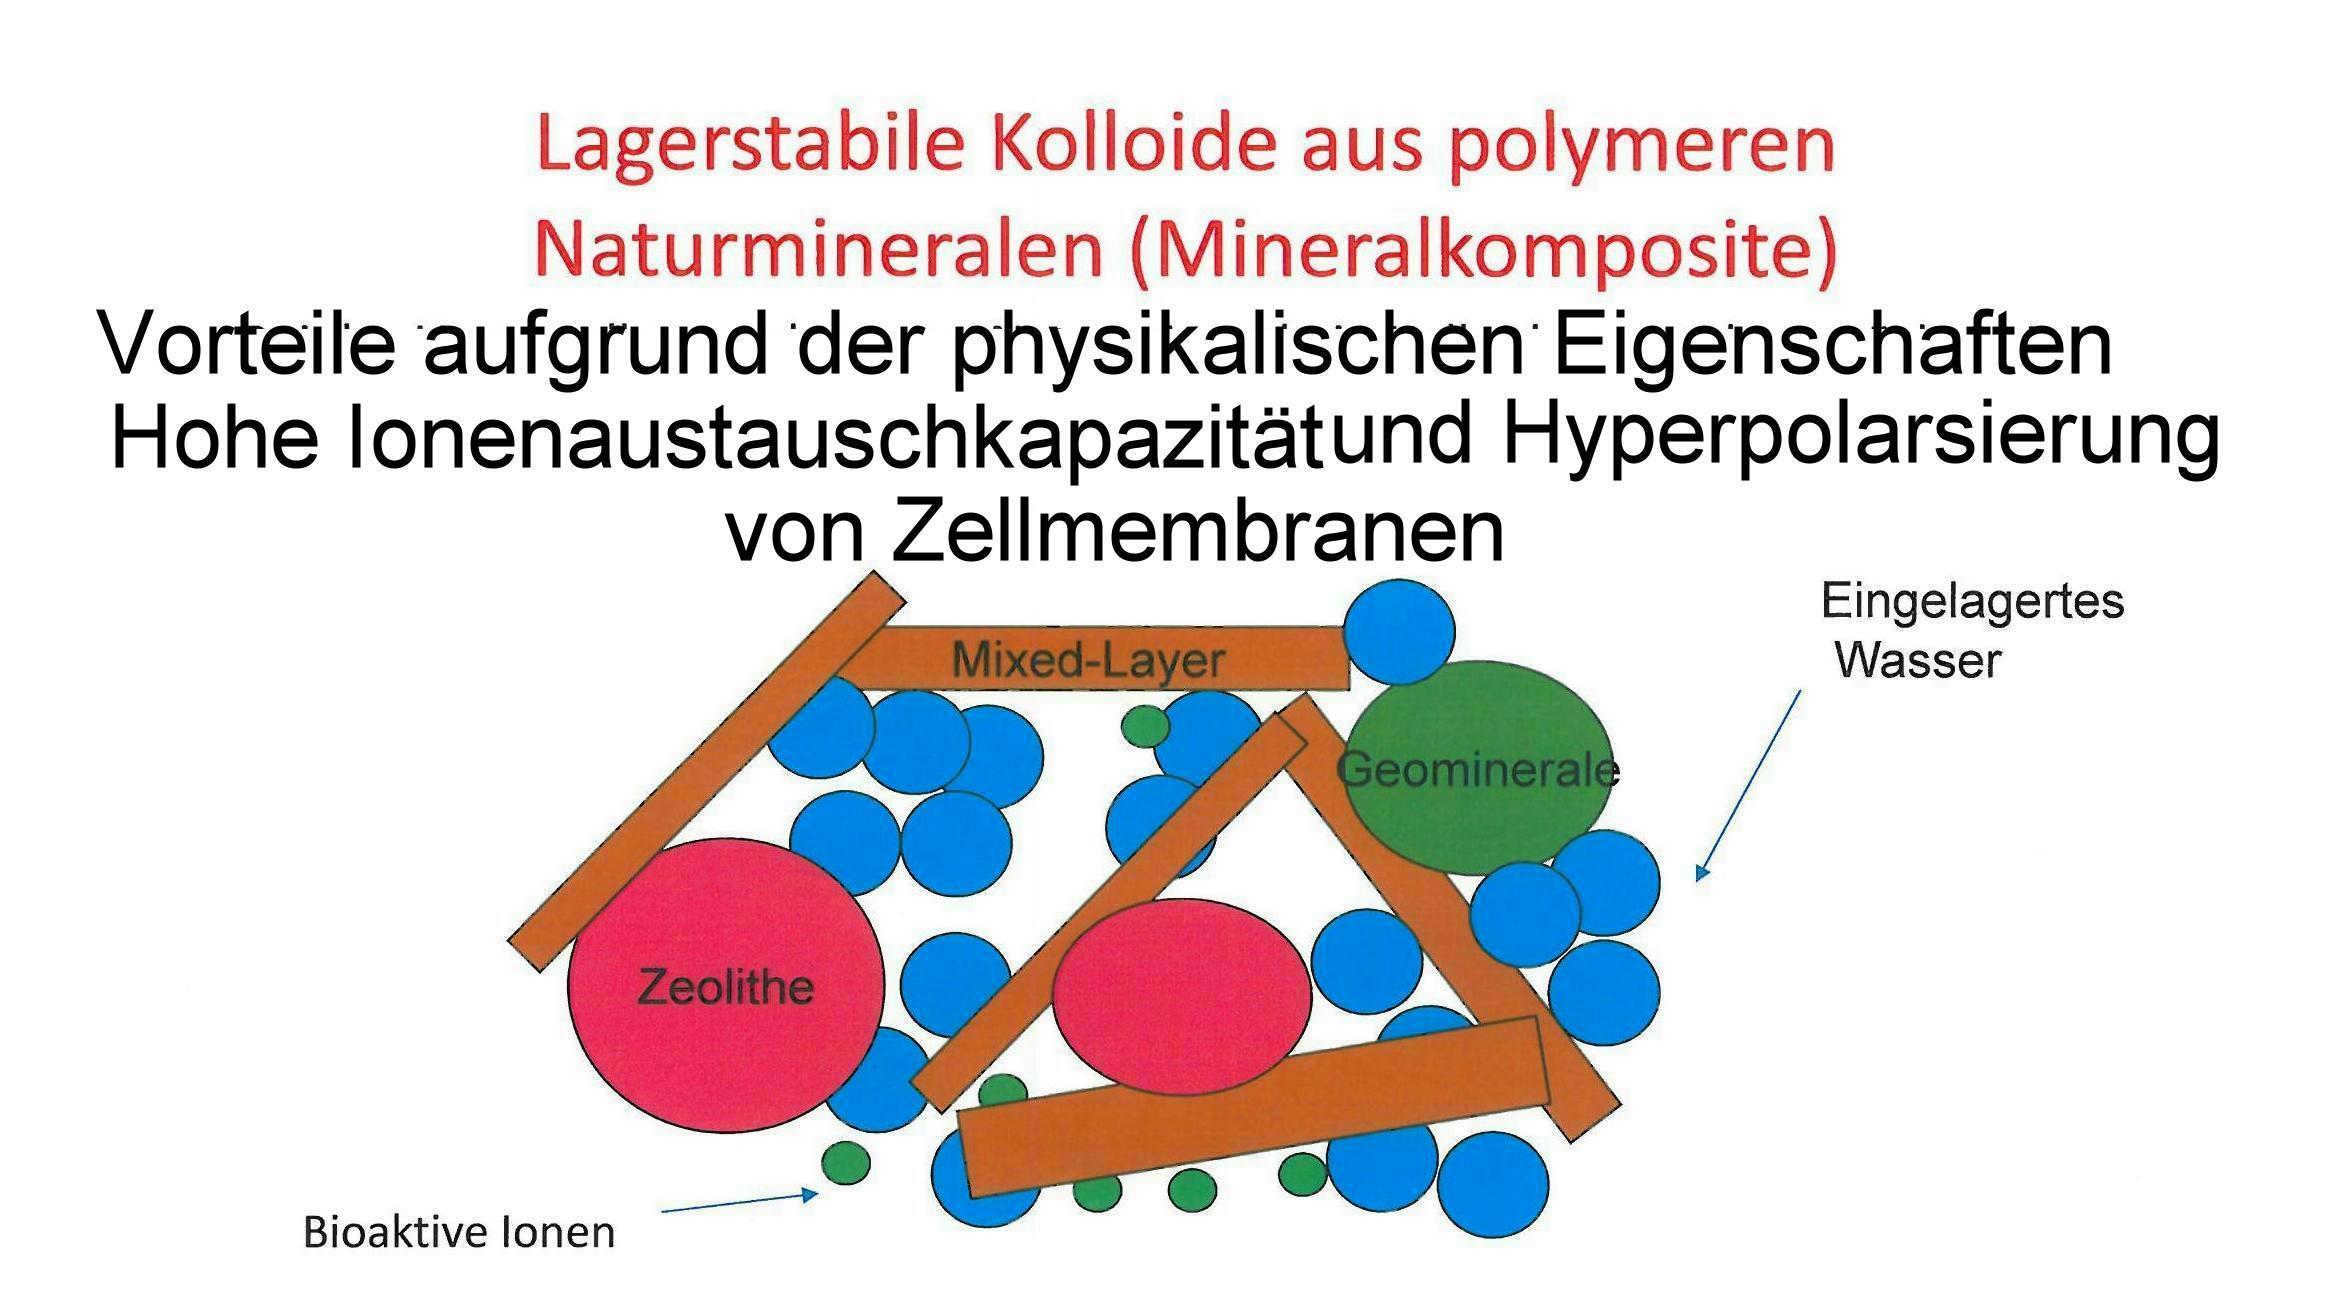 Hohe Ionenaustauschkapazität und Hyperpolarsierung von Zellmembranen Bei lagerstabilen Kolloiden aus polymeren Naturmineralien bei polymeren Mineralkompositen